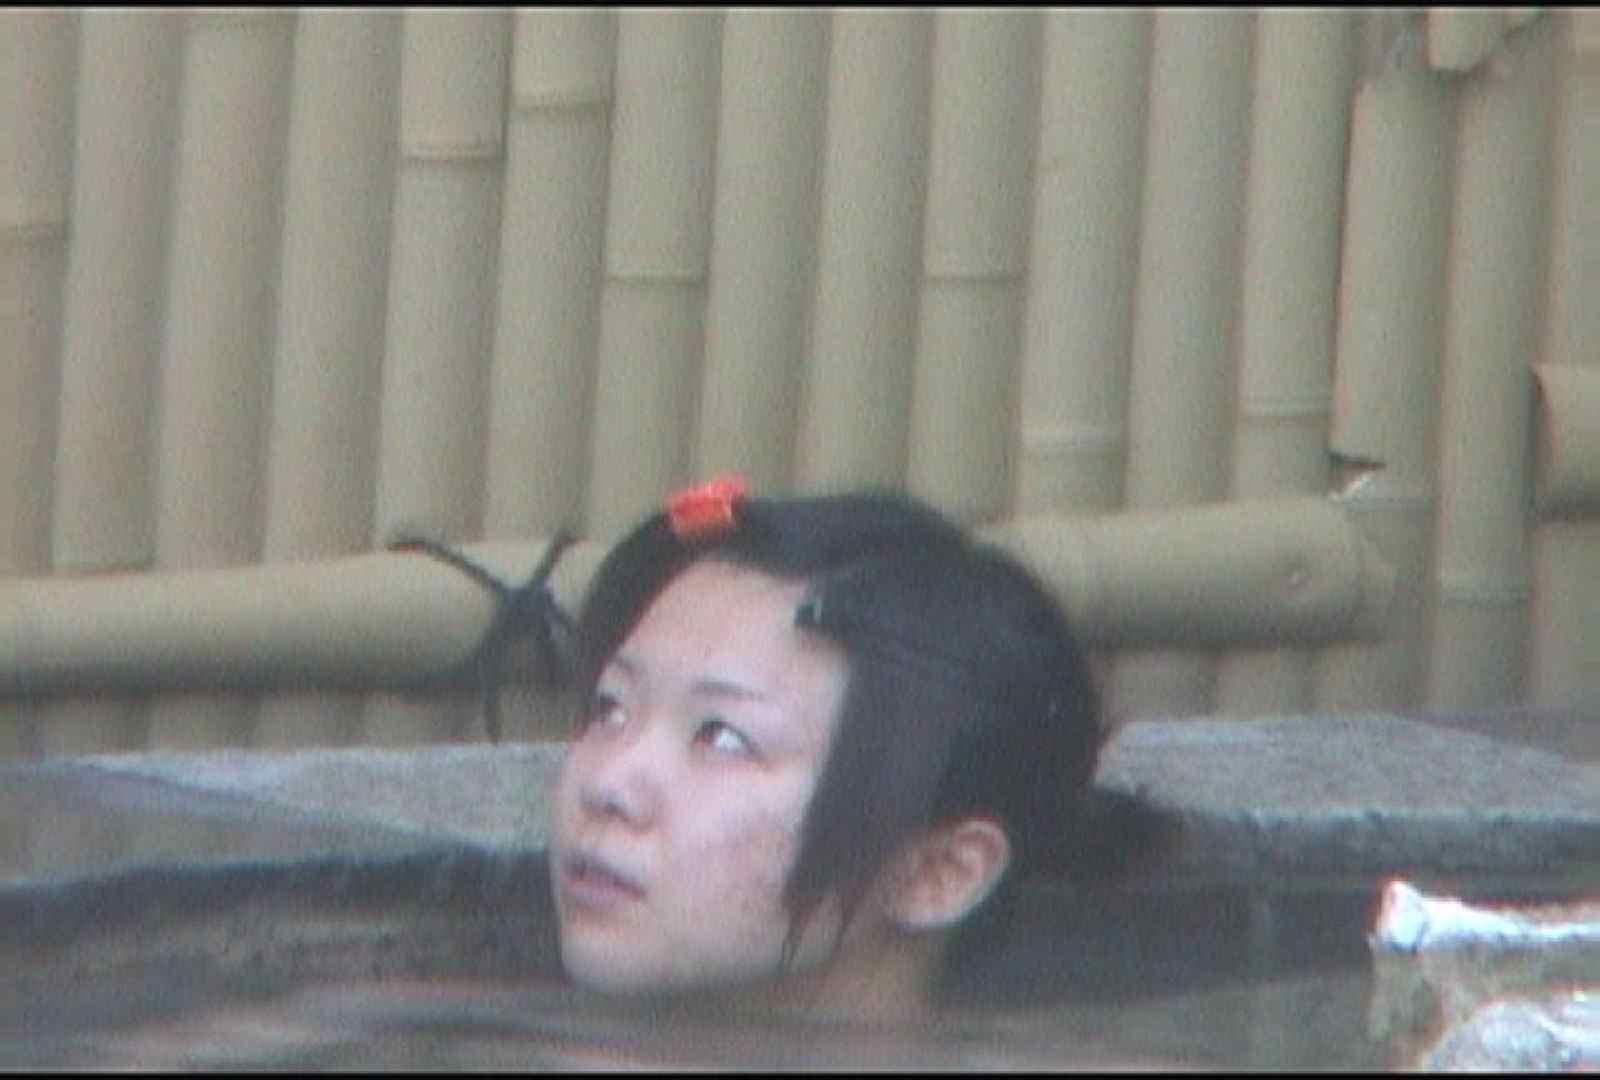 Aquaな露天風呂Vol.175 盗撮シリーズ  91PIX 56